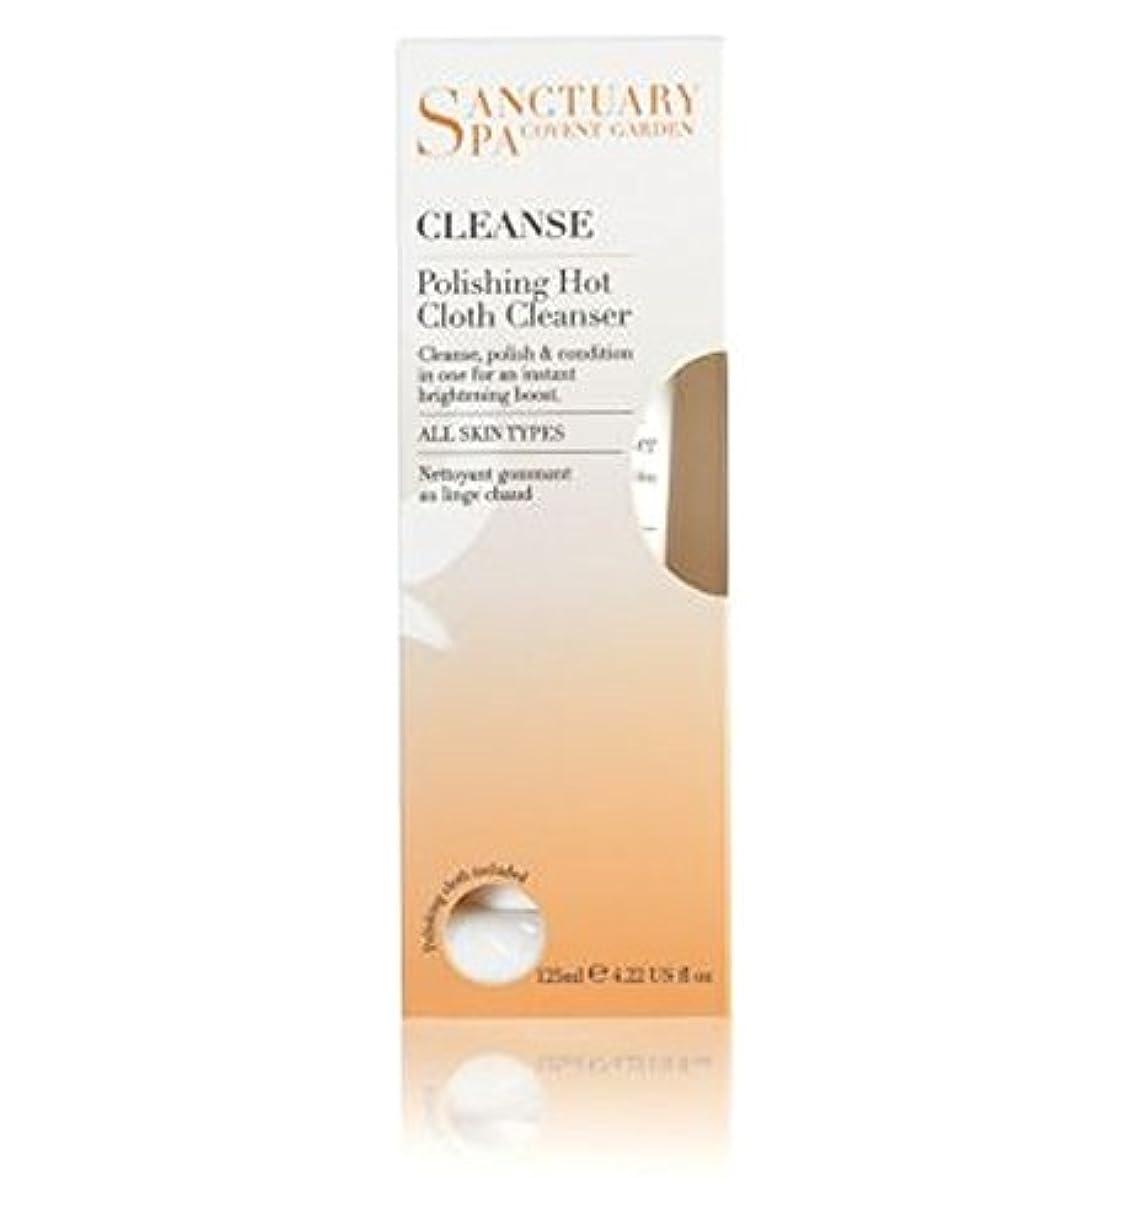 ニックネーム流星ロッジ聖域スパ研磨ホット布クレンザー (Sanctuary) (x2) - Sanctuary Spa Polishing Hot Cloth Cleanser (Pack of 2) [並行輸入品]